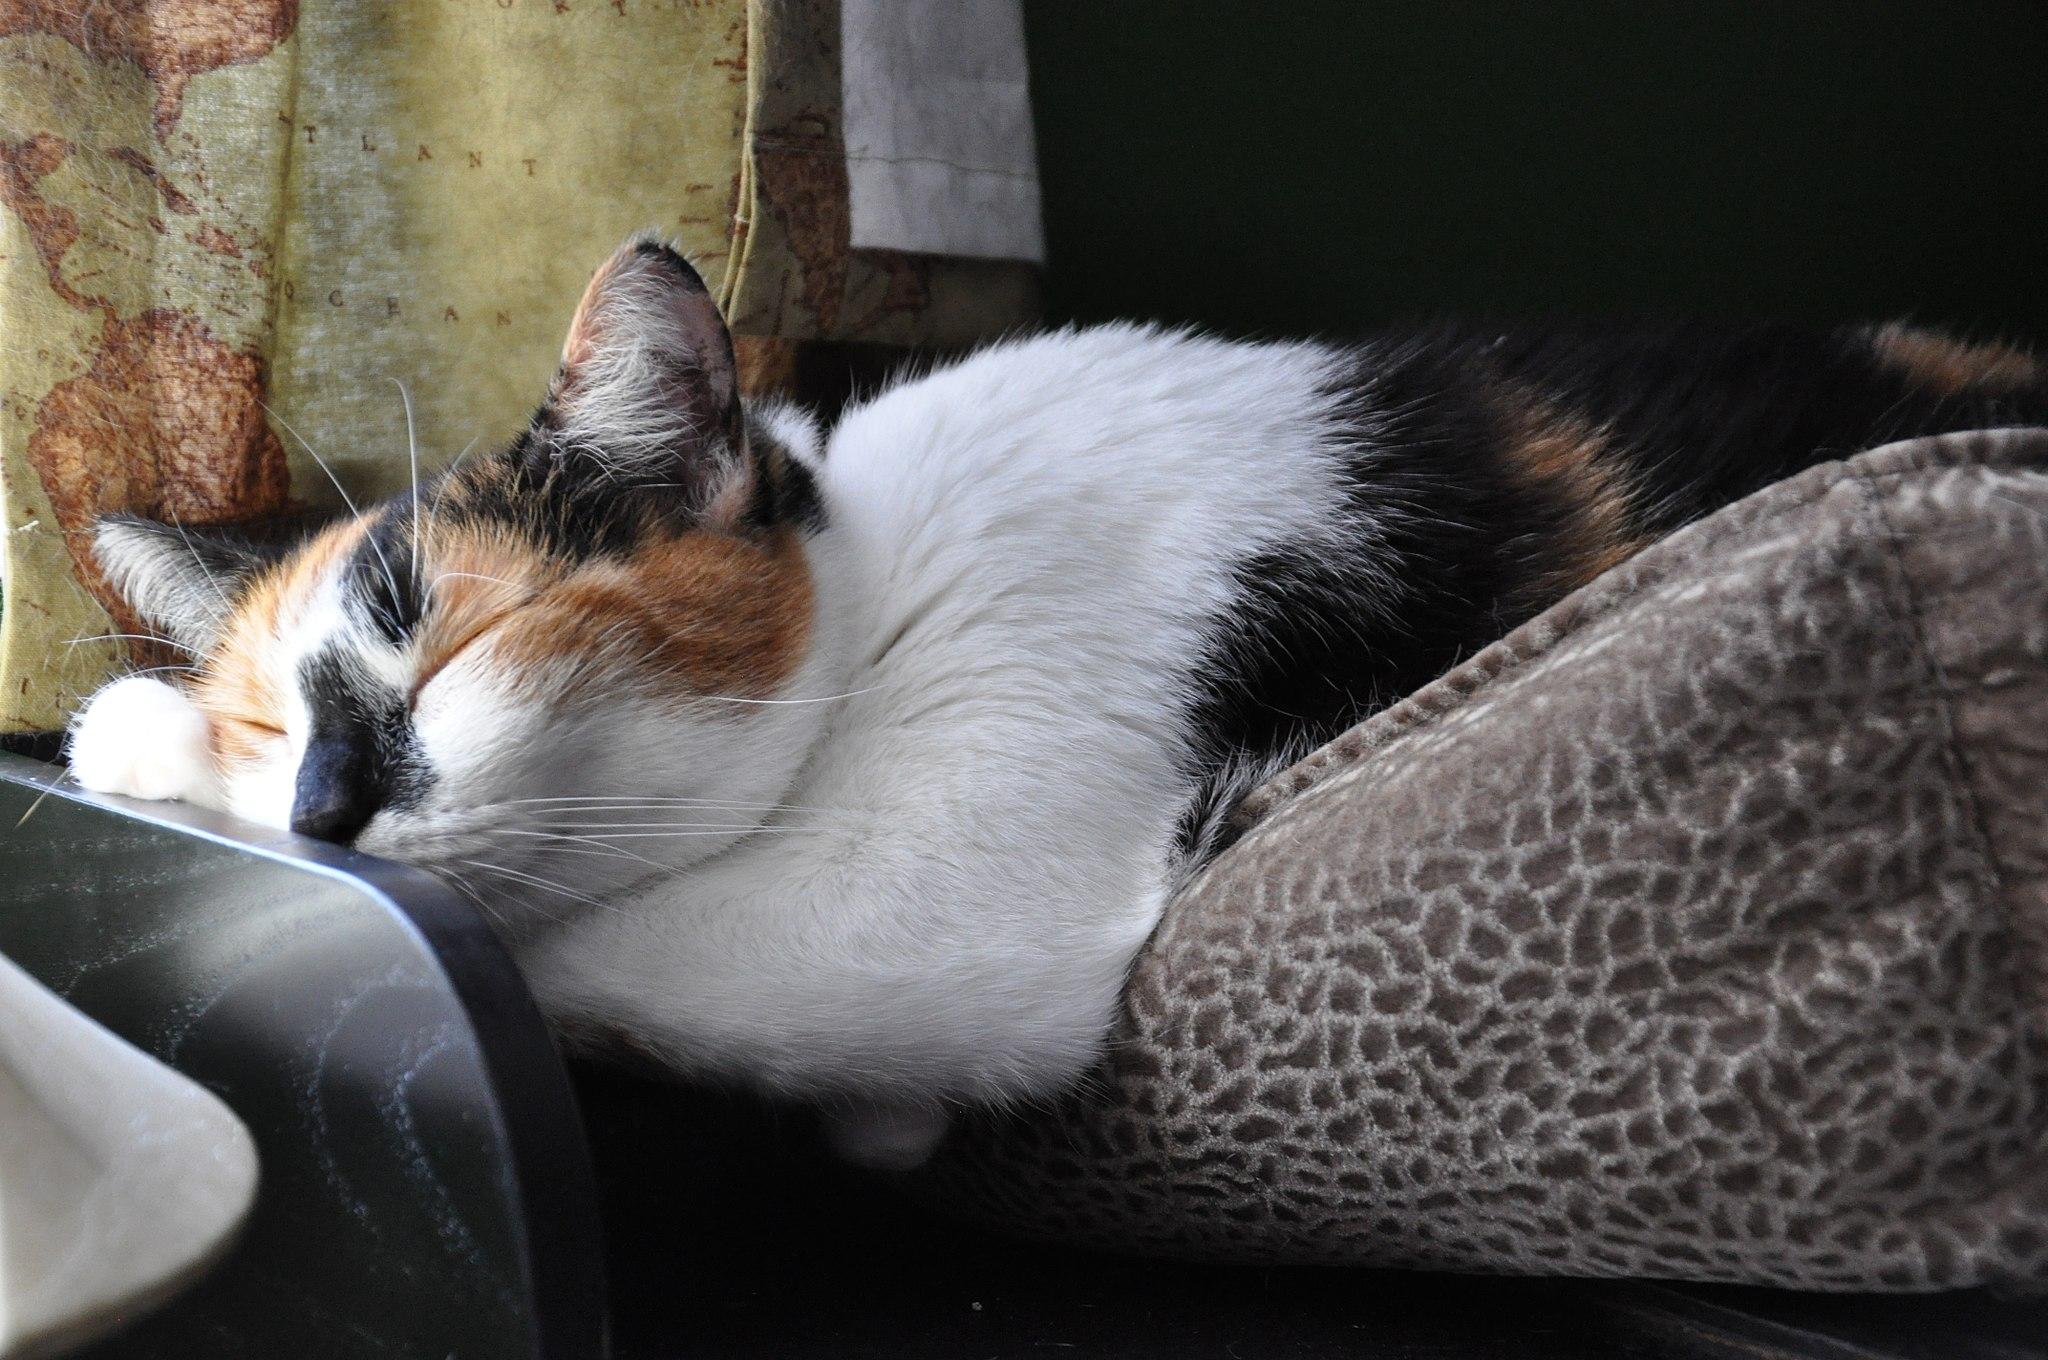 El gato americano de pelo corto cuenta generalmente con un excelente estado de salud